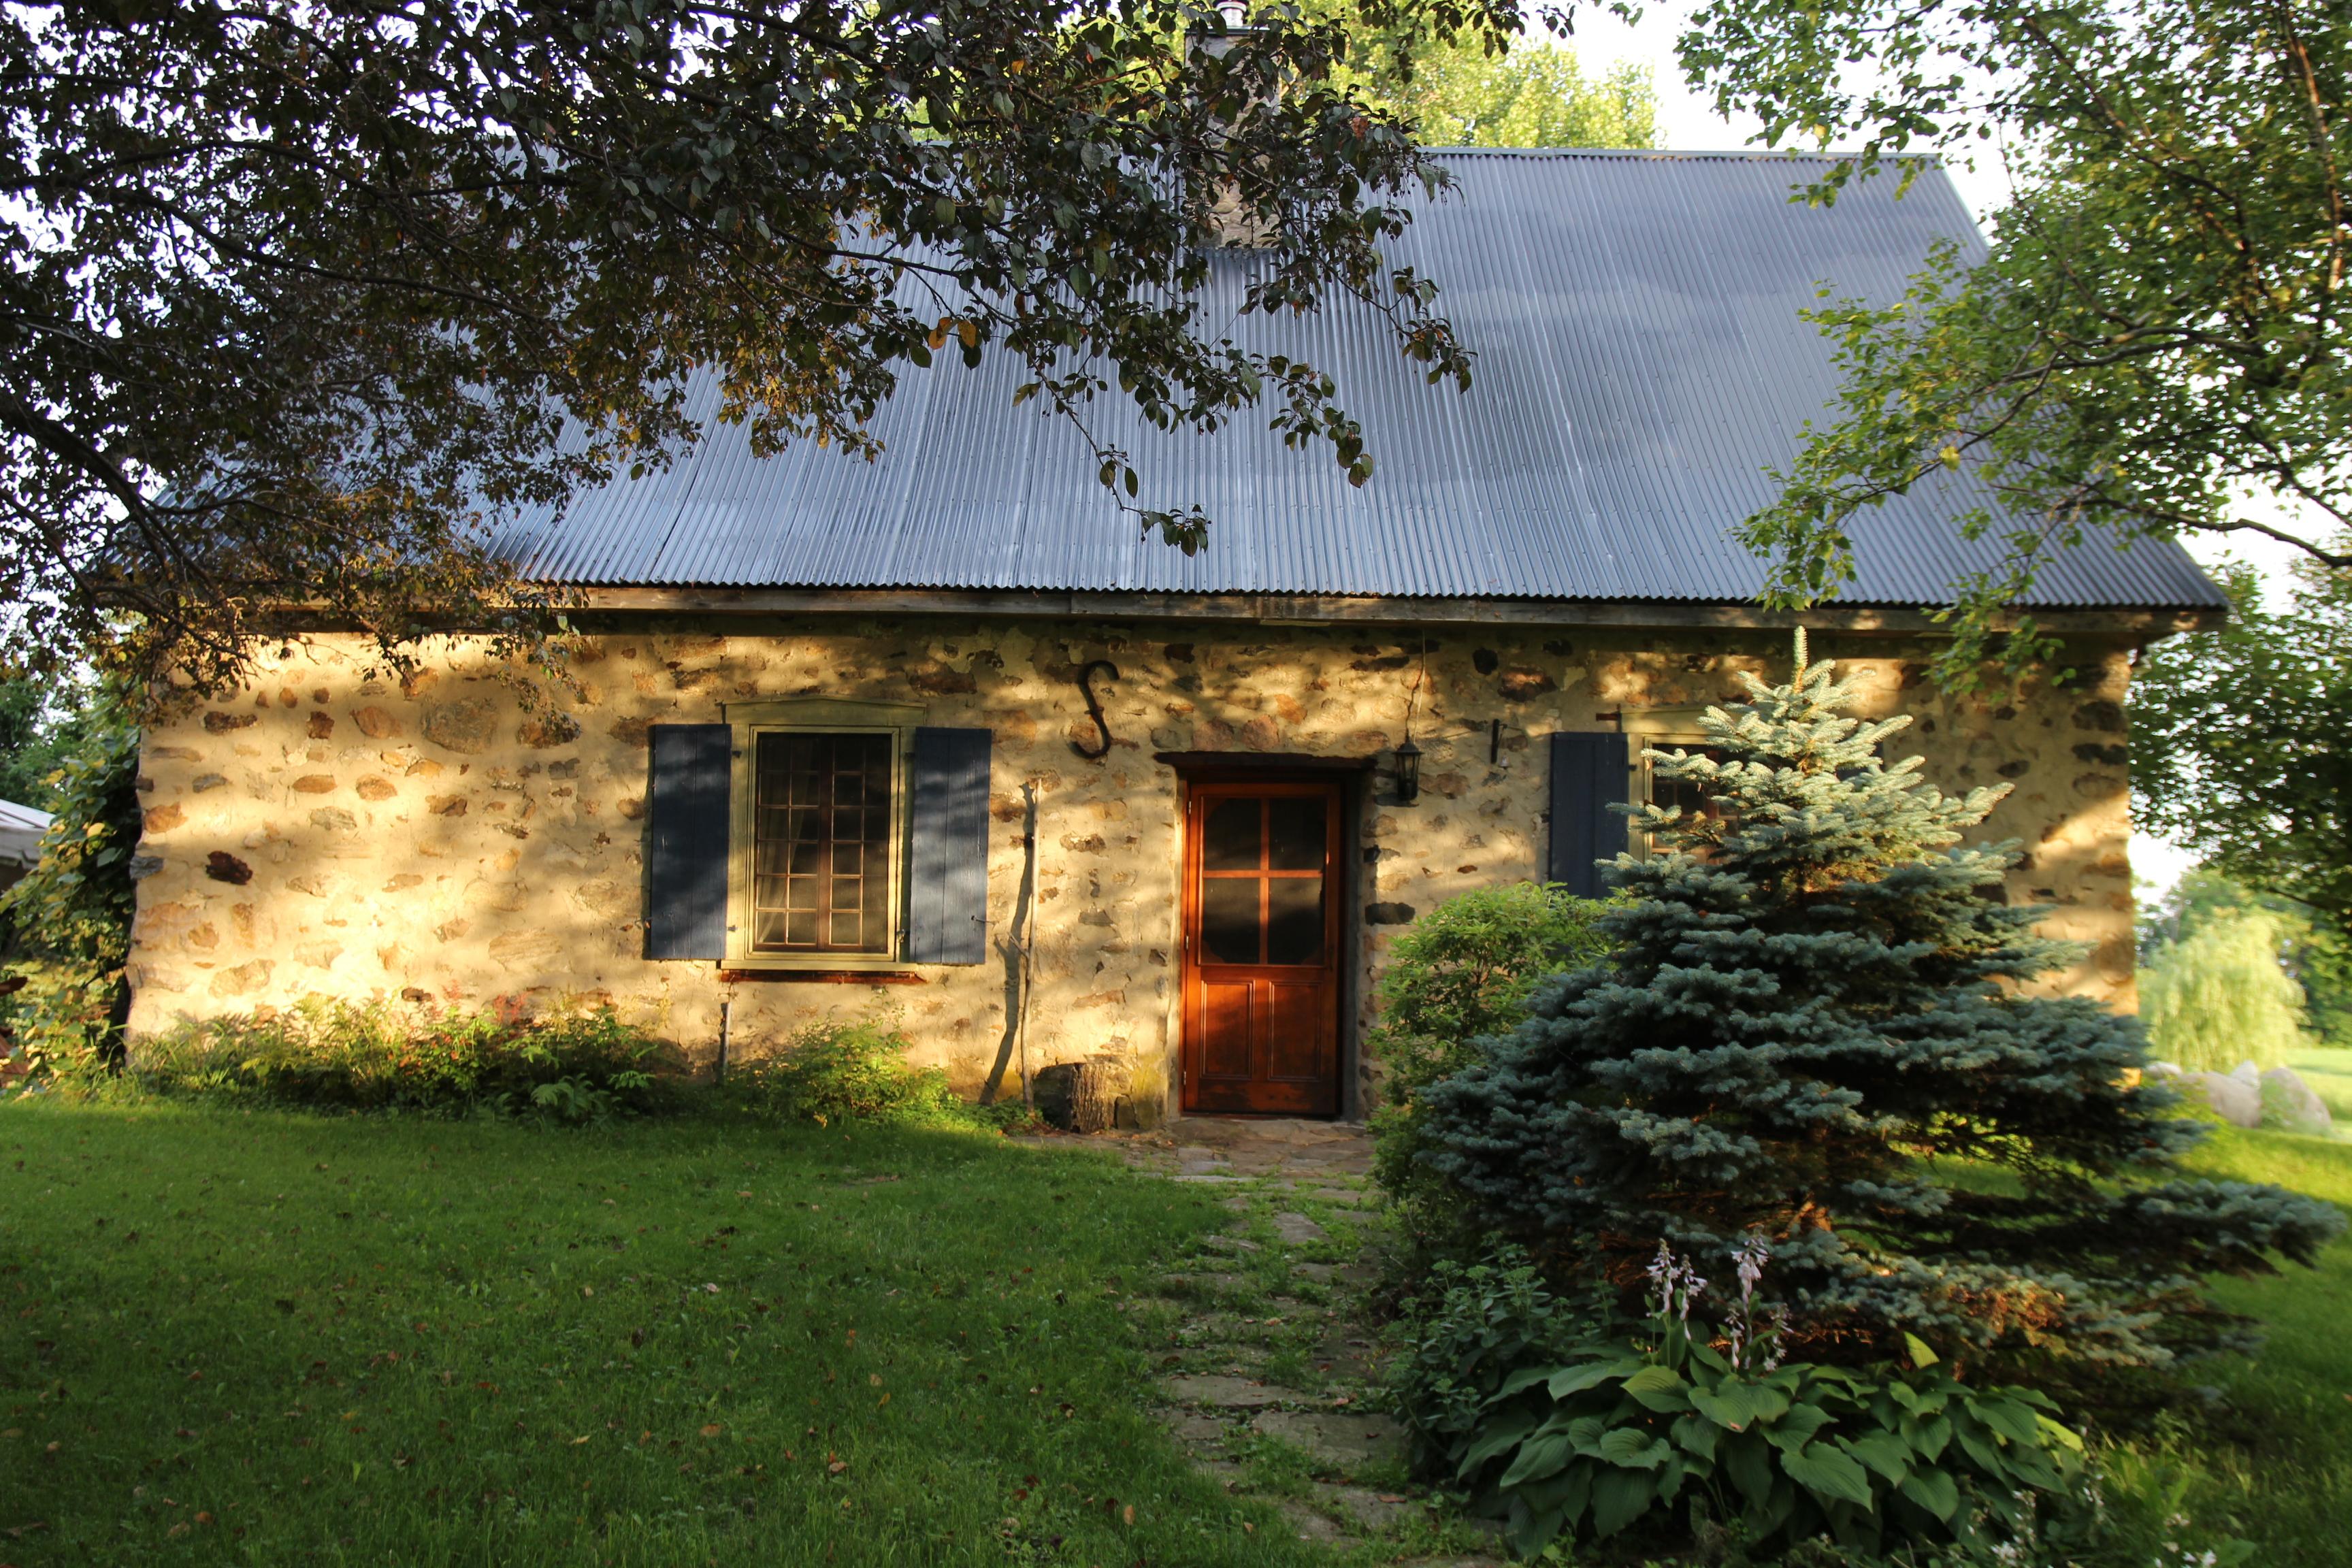 Maison de Yannick Lacoste, membre de l'APMAQ. Source : Yannick Lacoste.